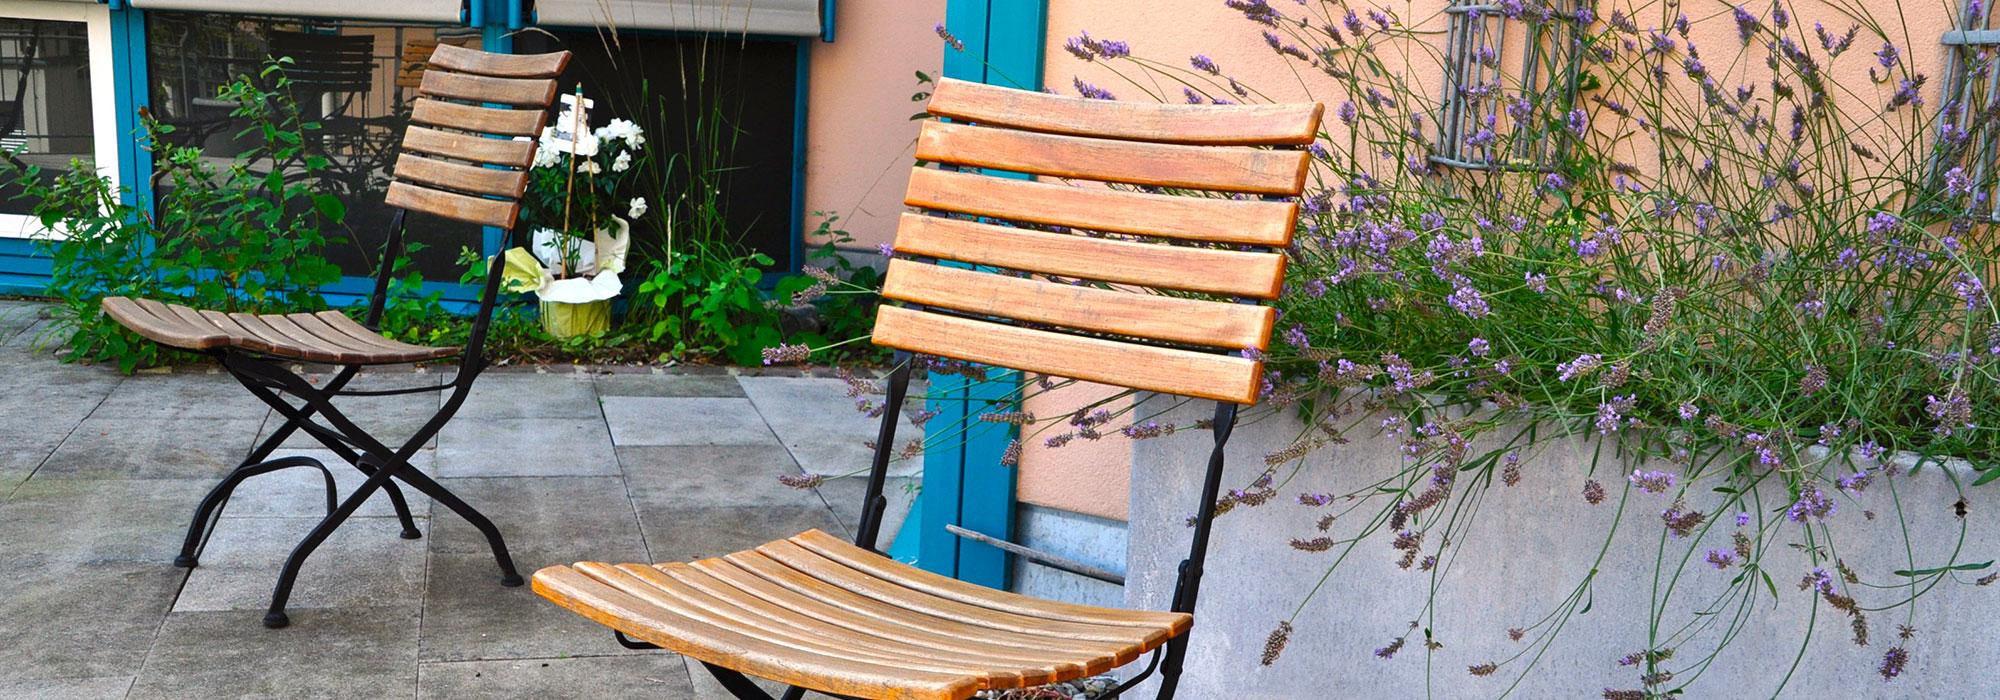 2_Gartenstühle-mit-Lavendel-auf-Terrasse